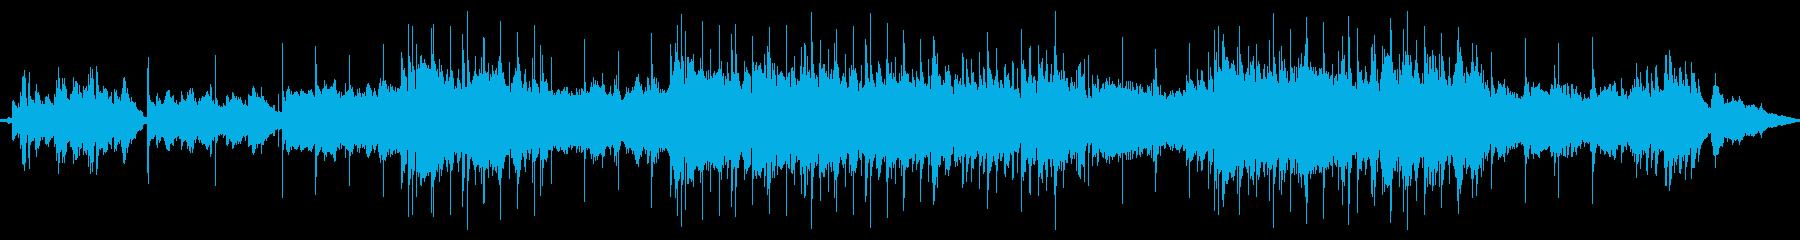 フルオーケストラのバラード。懐かし...の再生済みの波形